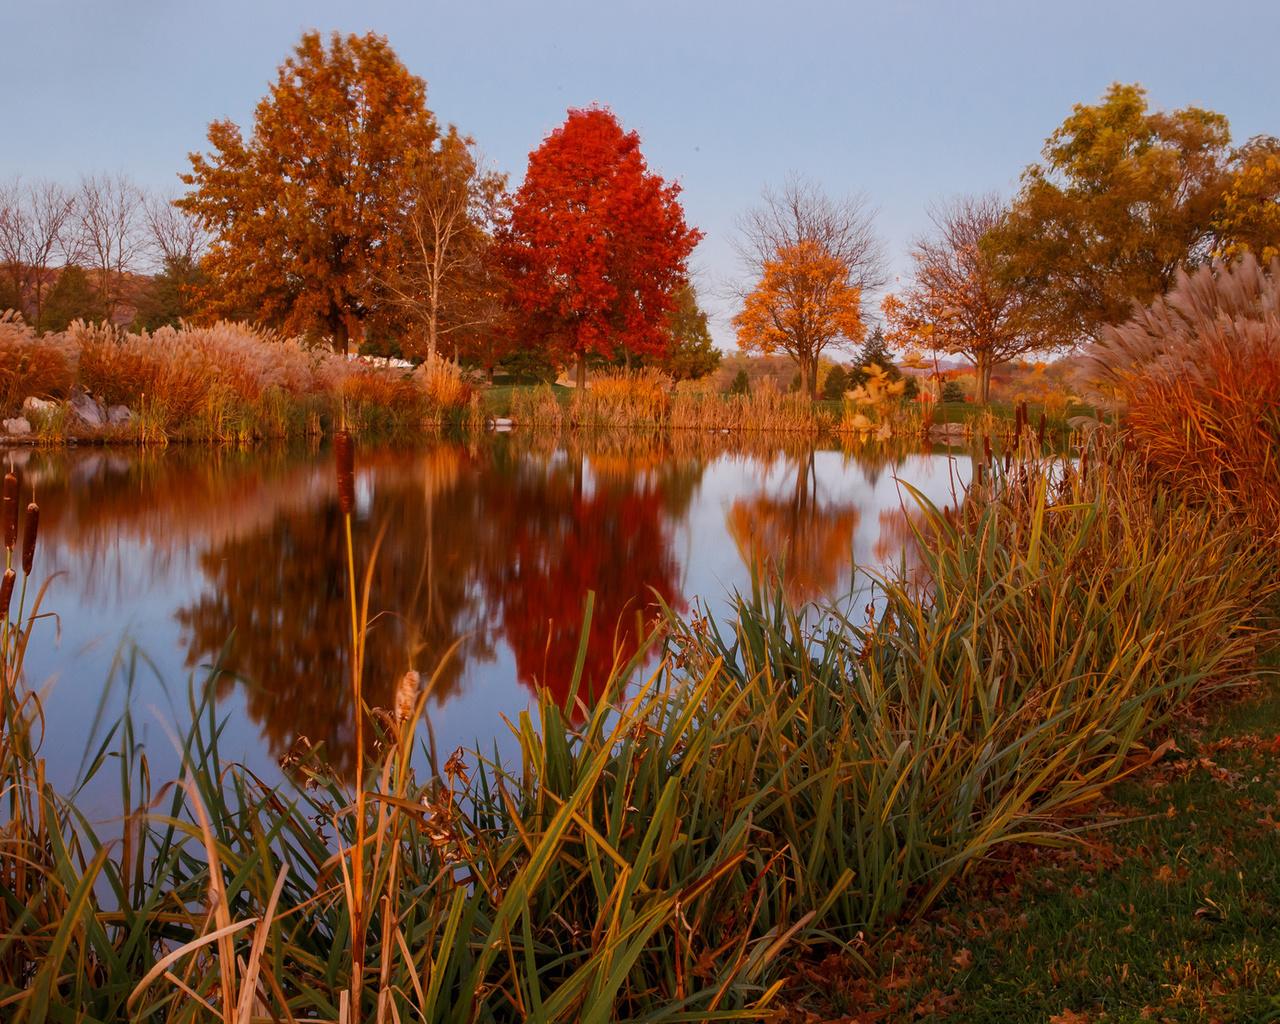 природа, осень, пруд, озеро, камыш, отражение